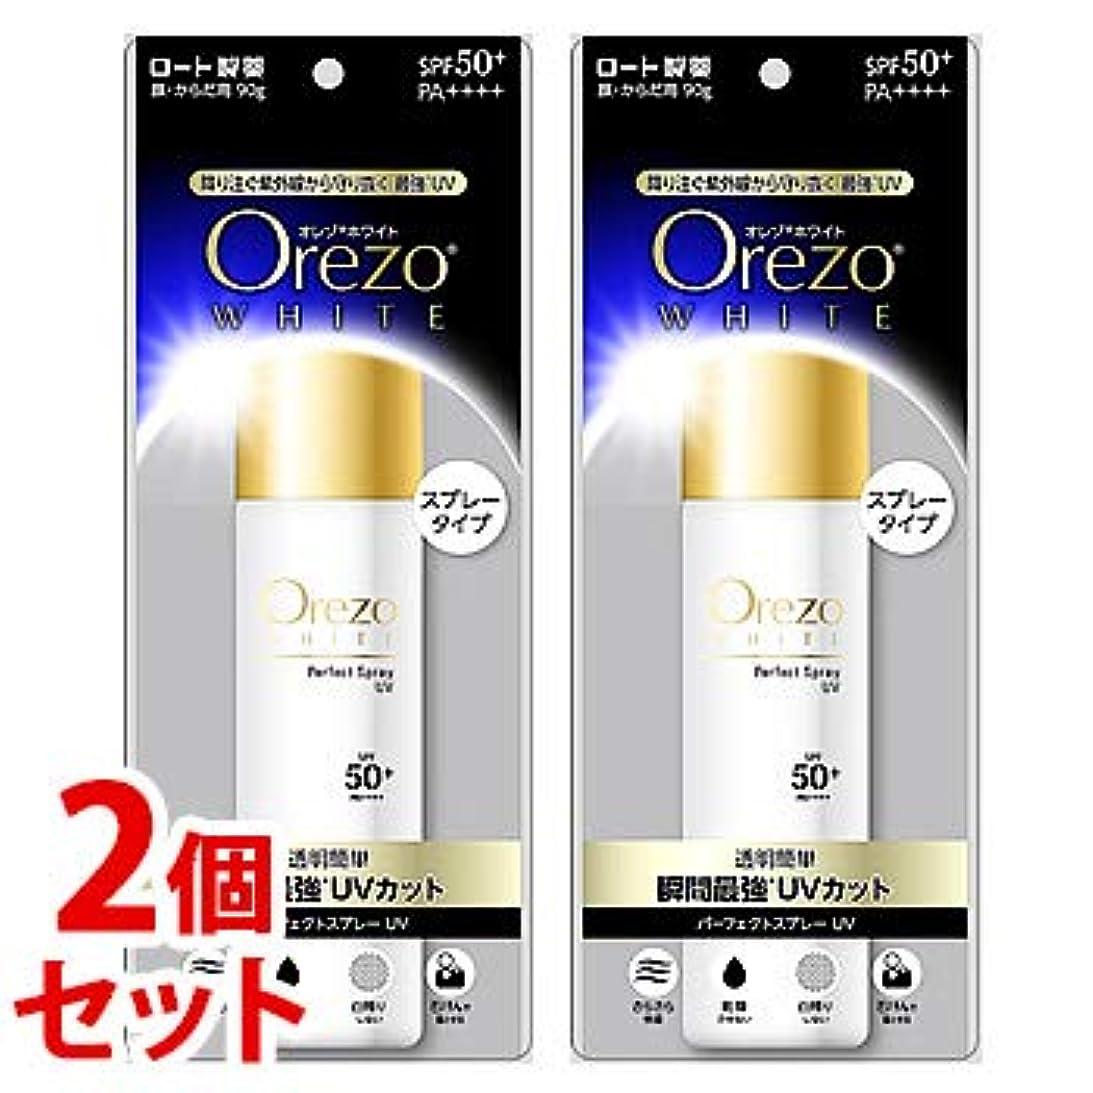 はげすきのスコア《セット販売》 ロート製薬 Orezo オレゾ ホワイト パーフェクトスプレーUV SPF50+ PA++++ (90g)×2個セット 顔?からだ用 日やけ止め スプレータイプ